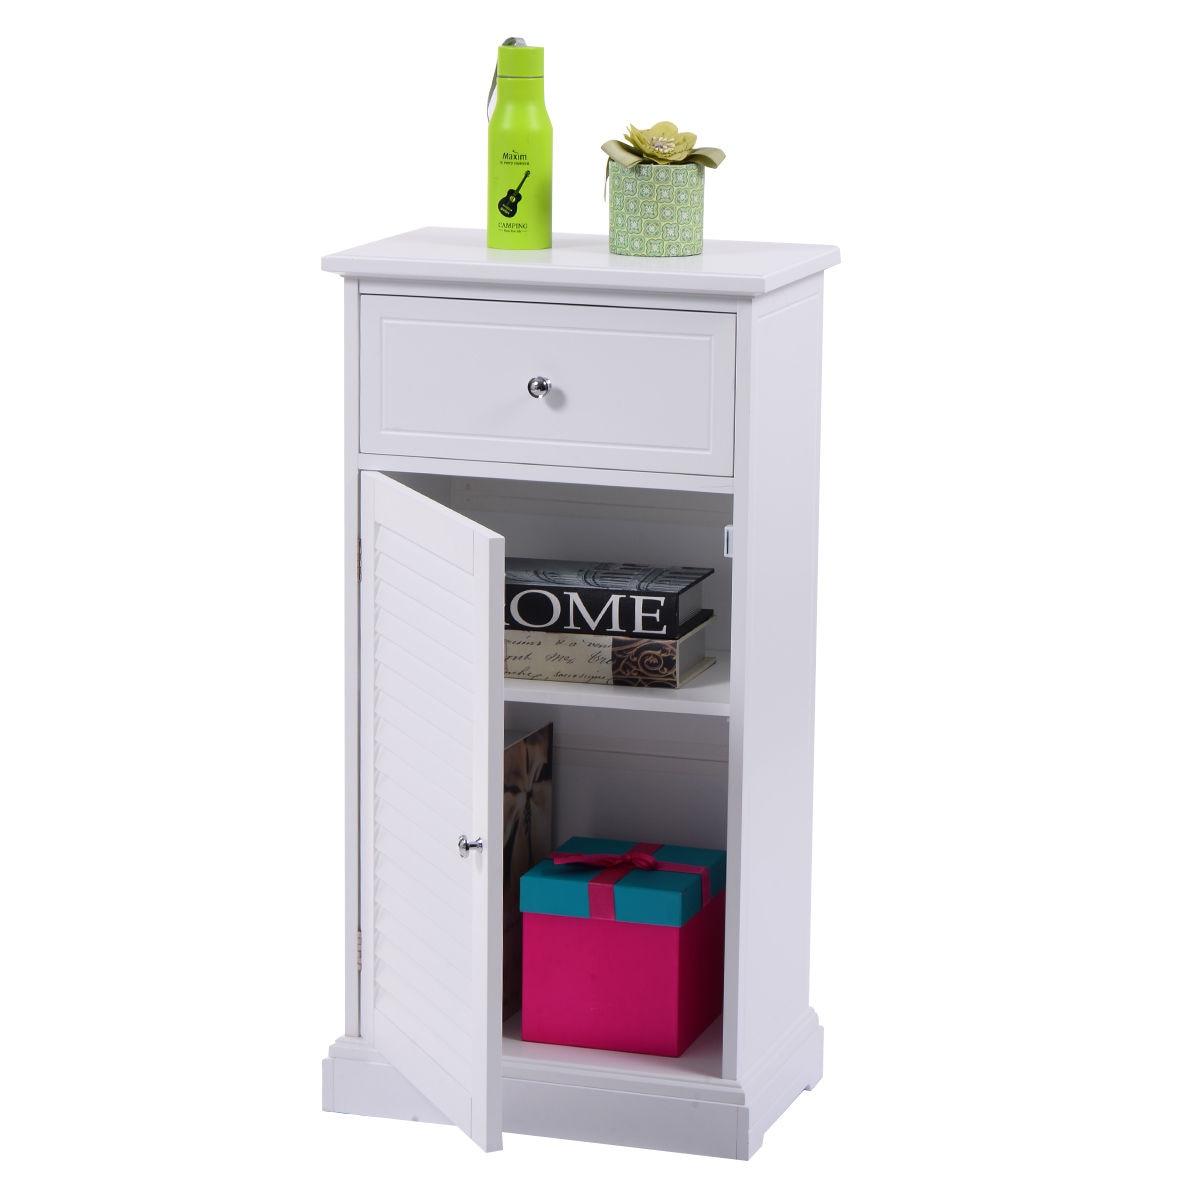 Giantex blanc rangement armoire de sol moderne mur obturateur porte salle de bain organisateur bois armoire étagère meubles de maison HW53812